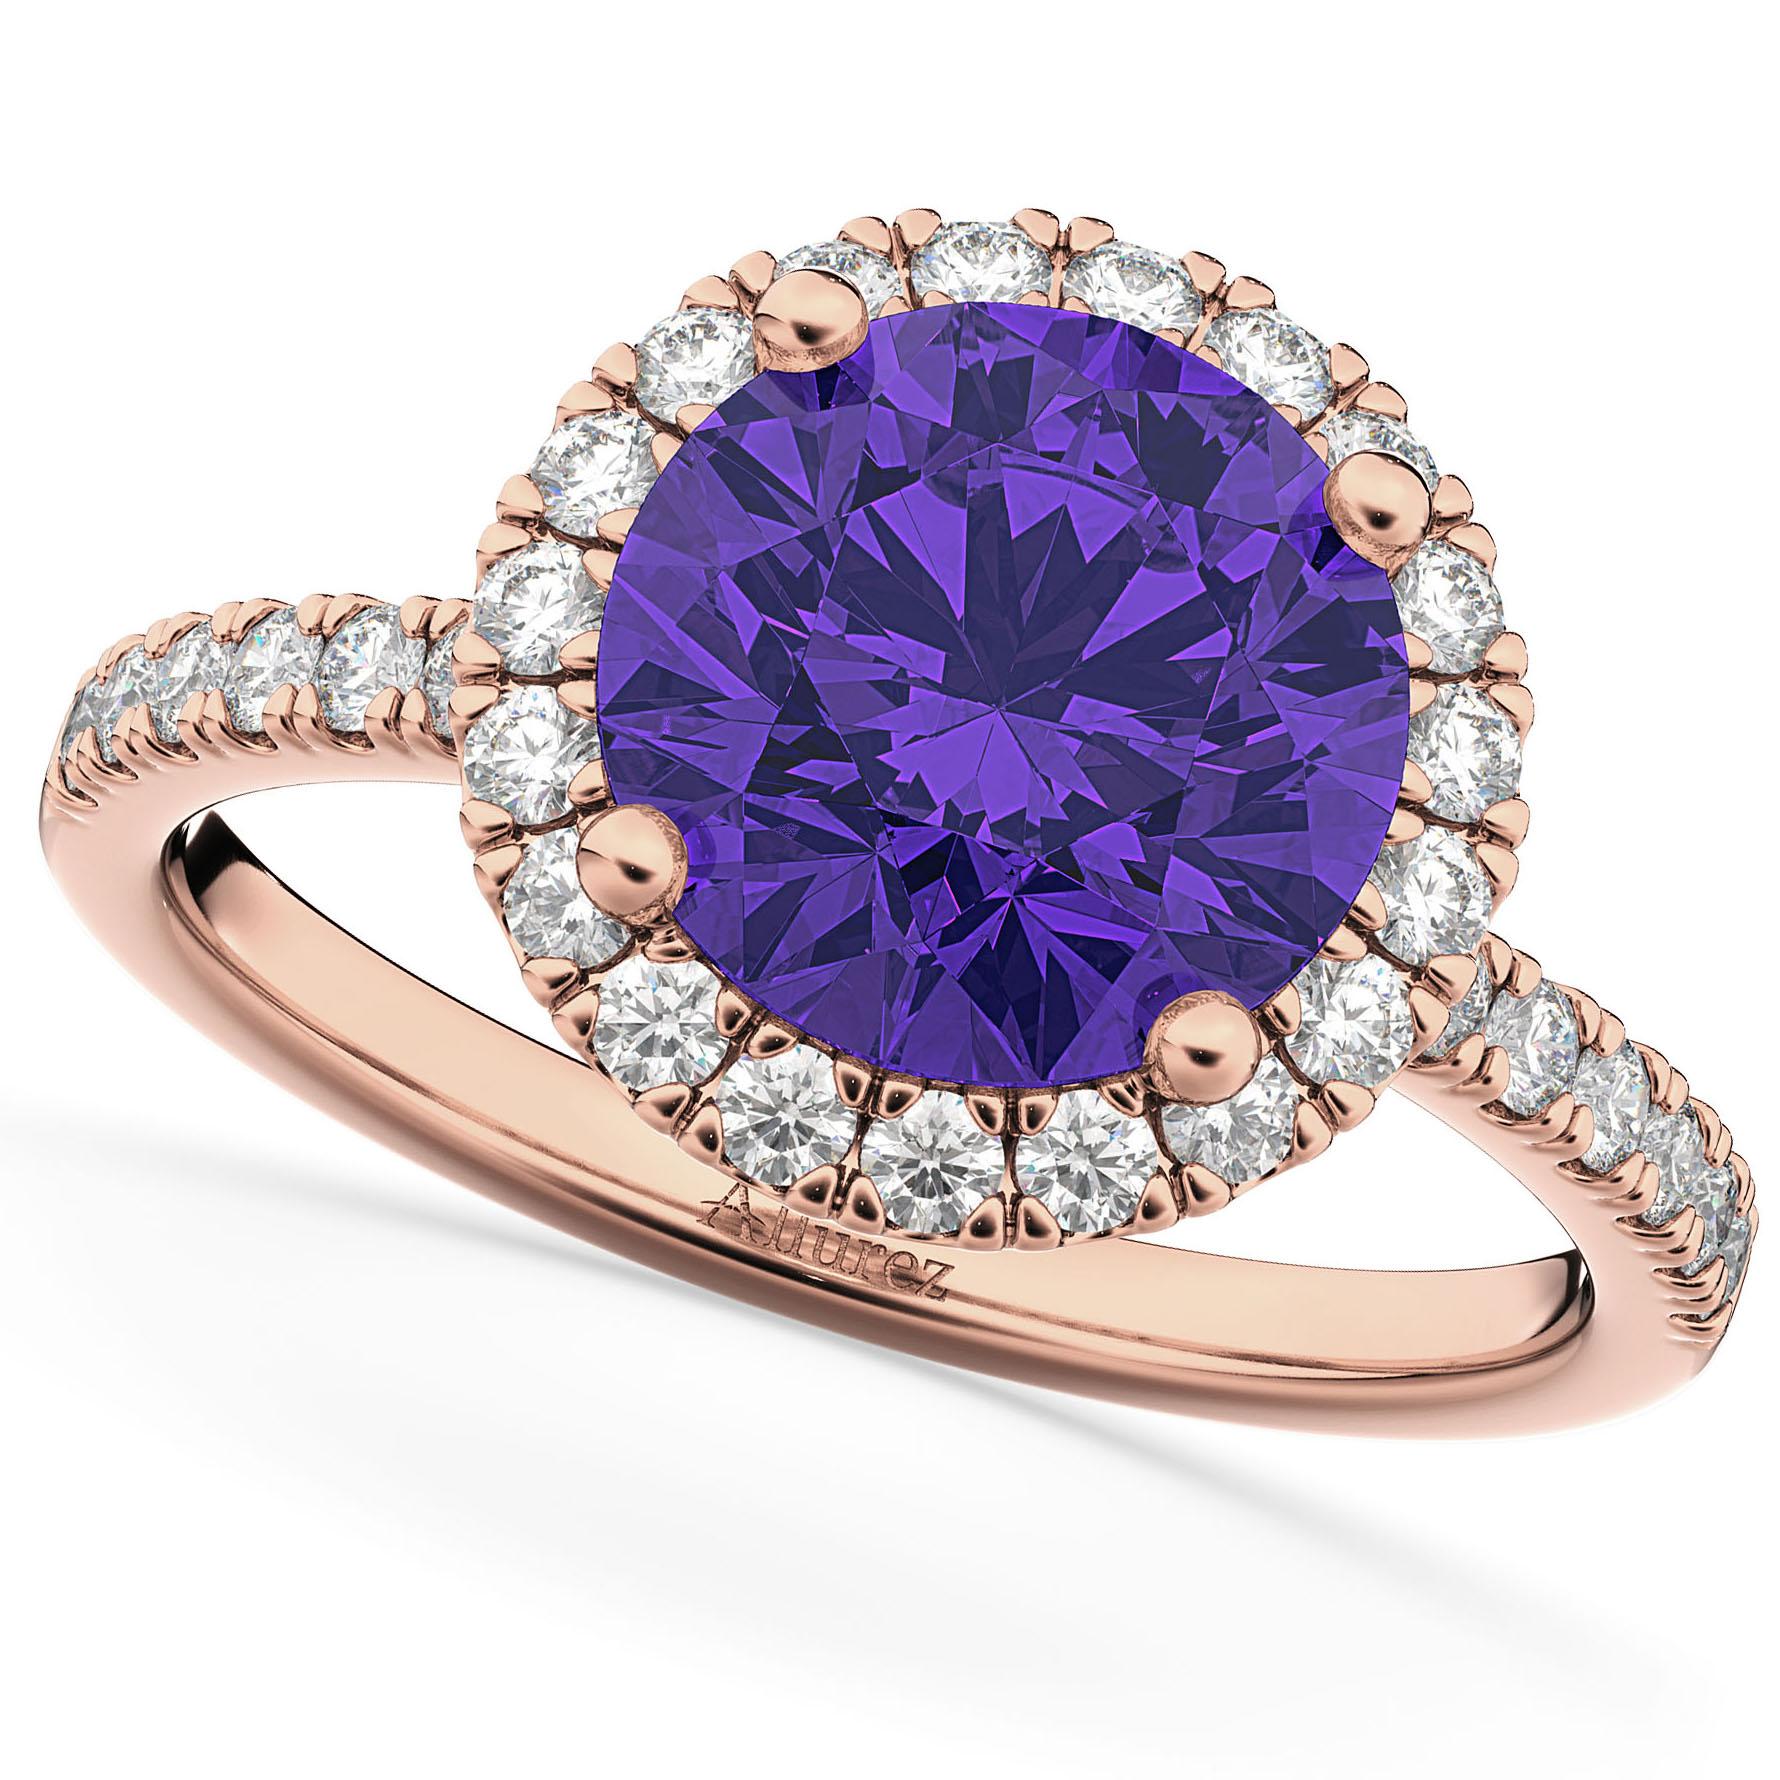 Halo Tanzanite & Diamond Engagement Ring 14K Rose Gold 2.80ct